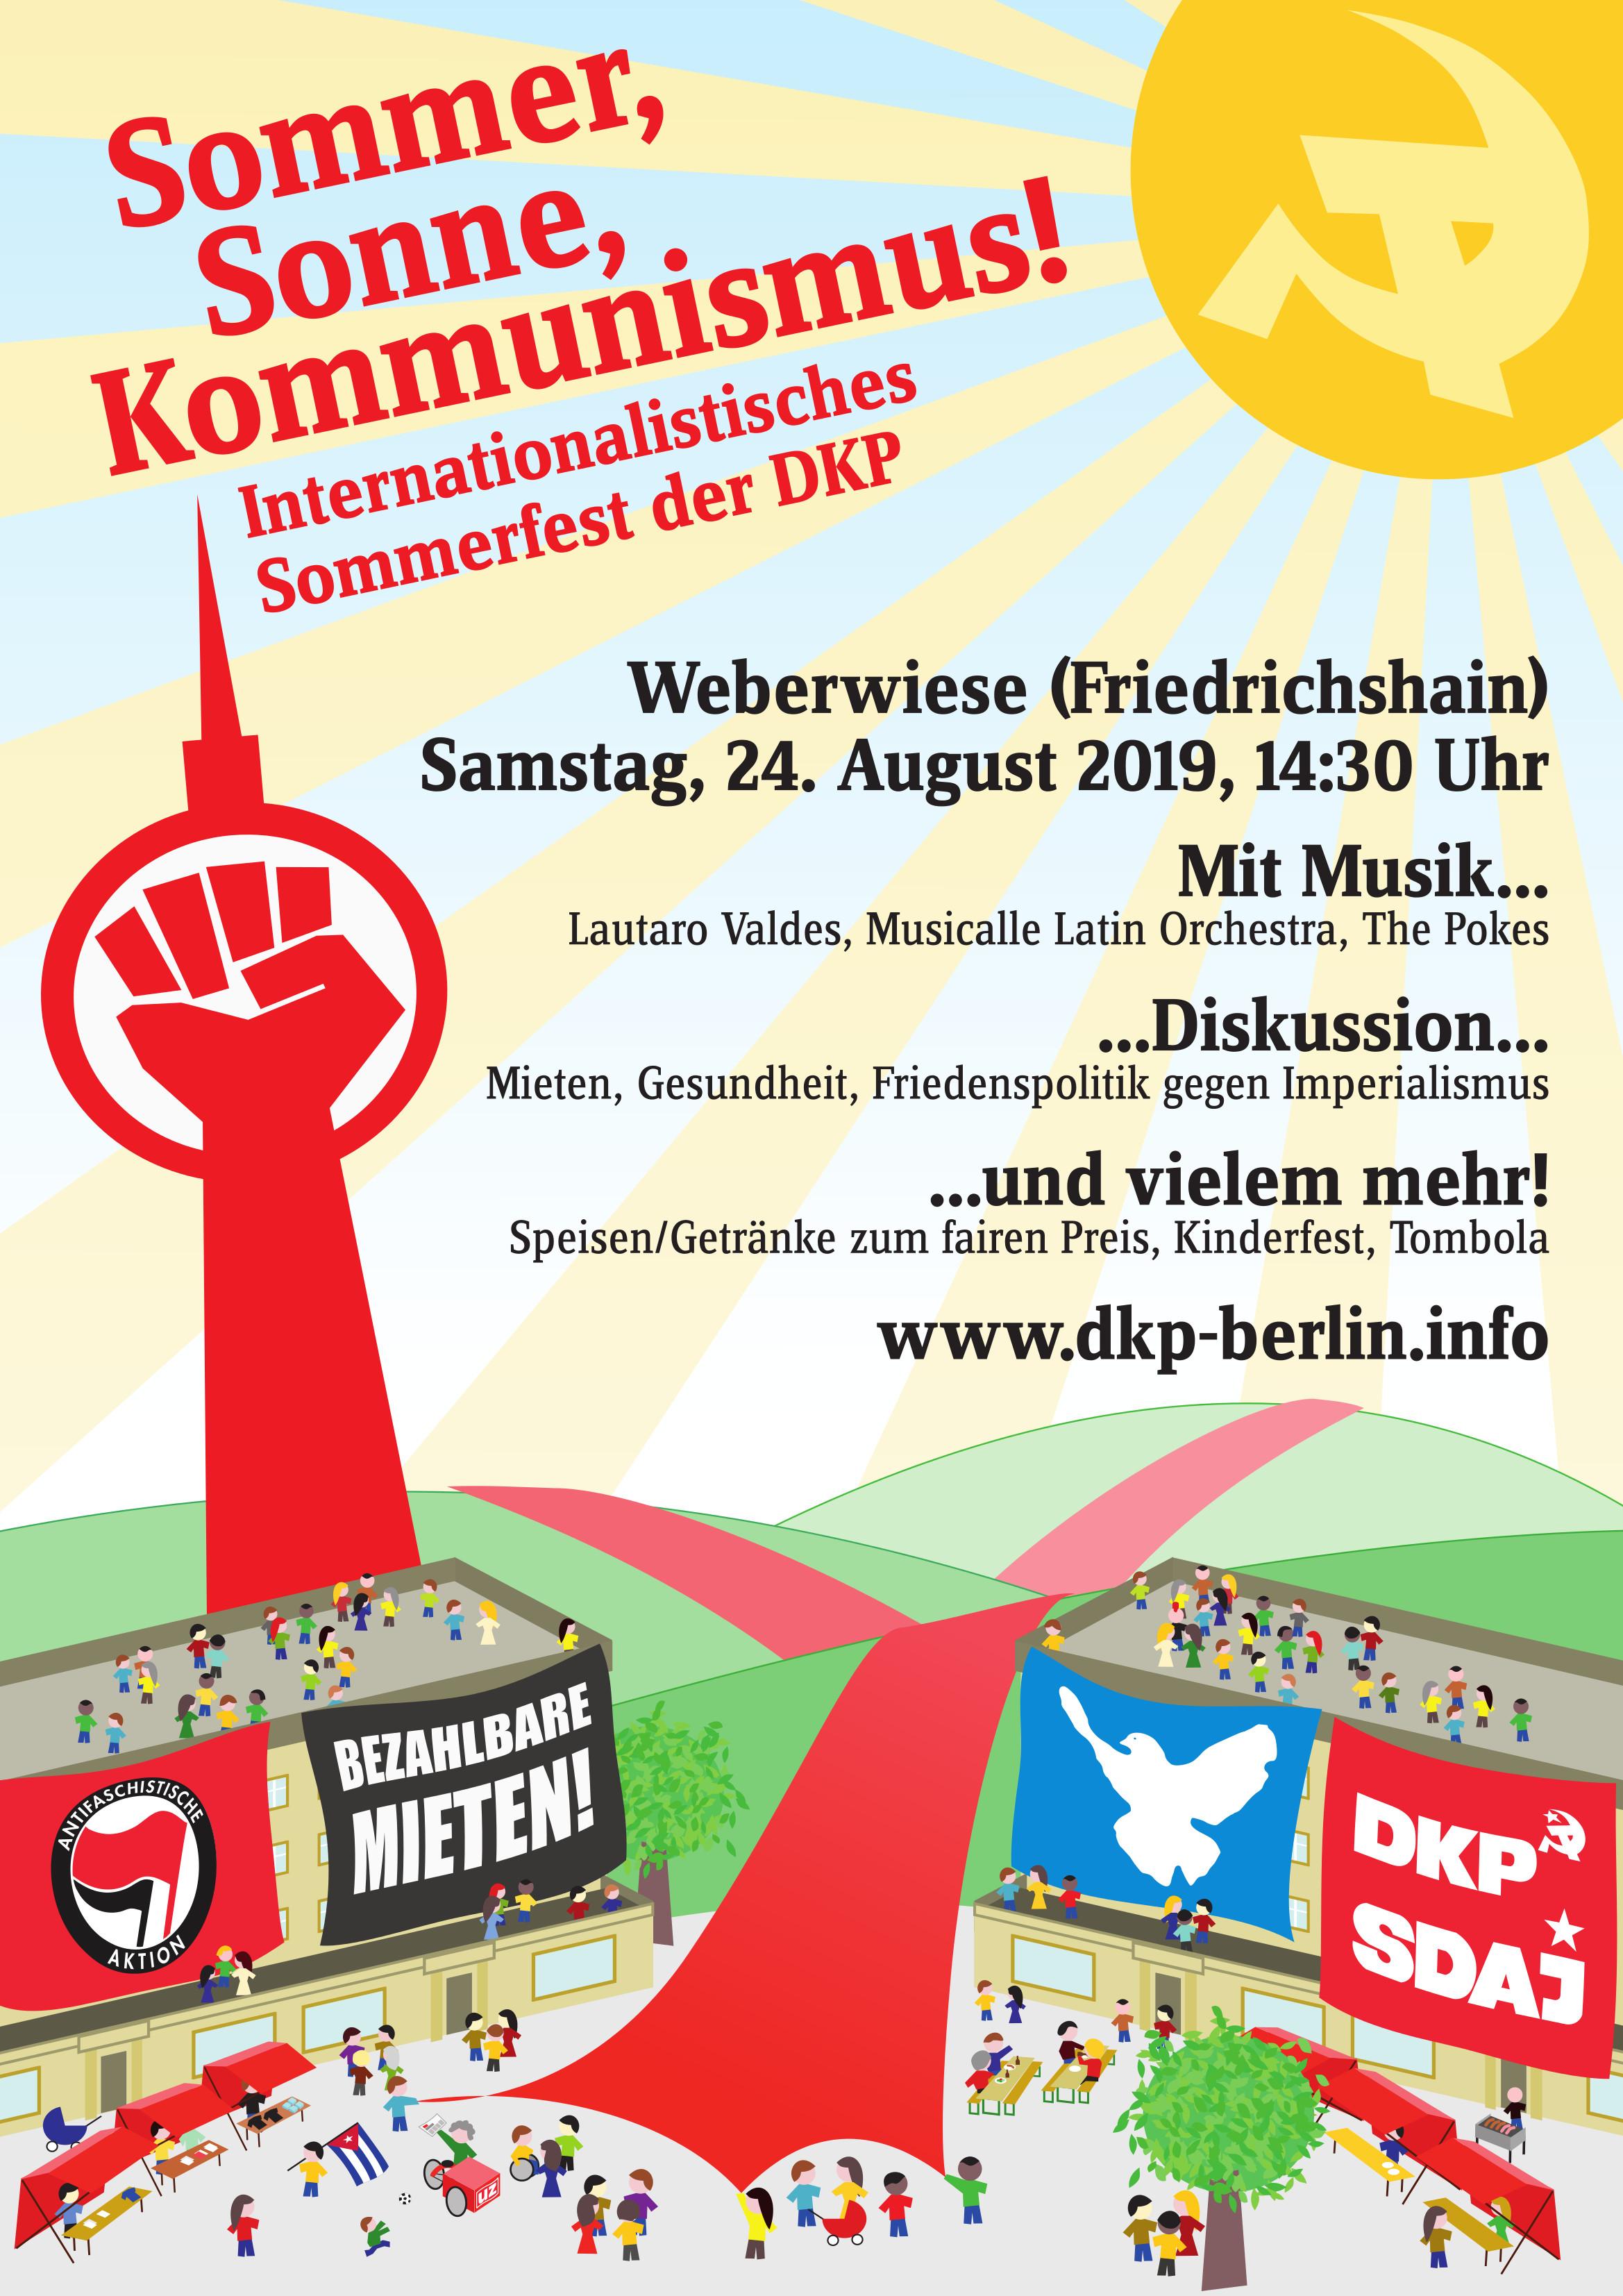 Internationalistisches DKP-Sommerfest